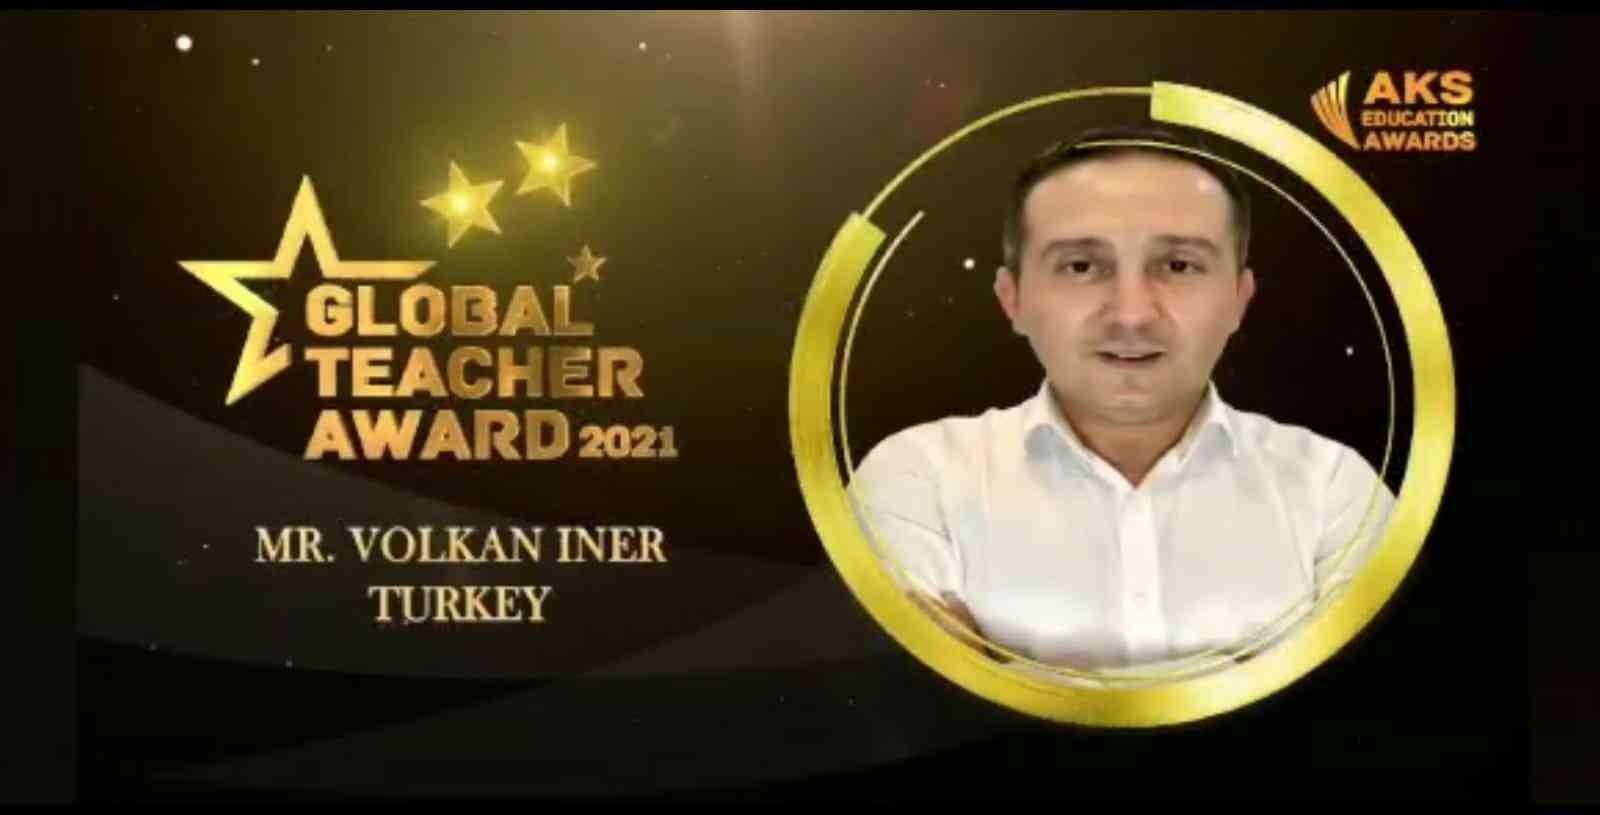 Manisalı öğretmen 'Küresel Öğretmen' ödülünü aldı